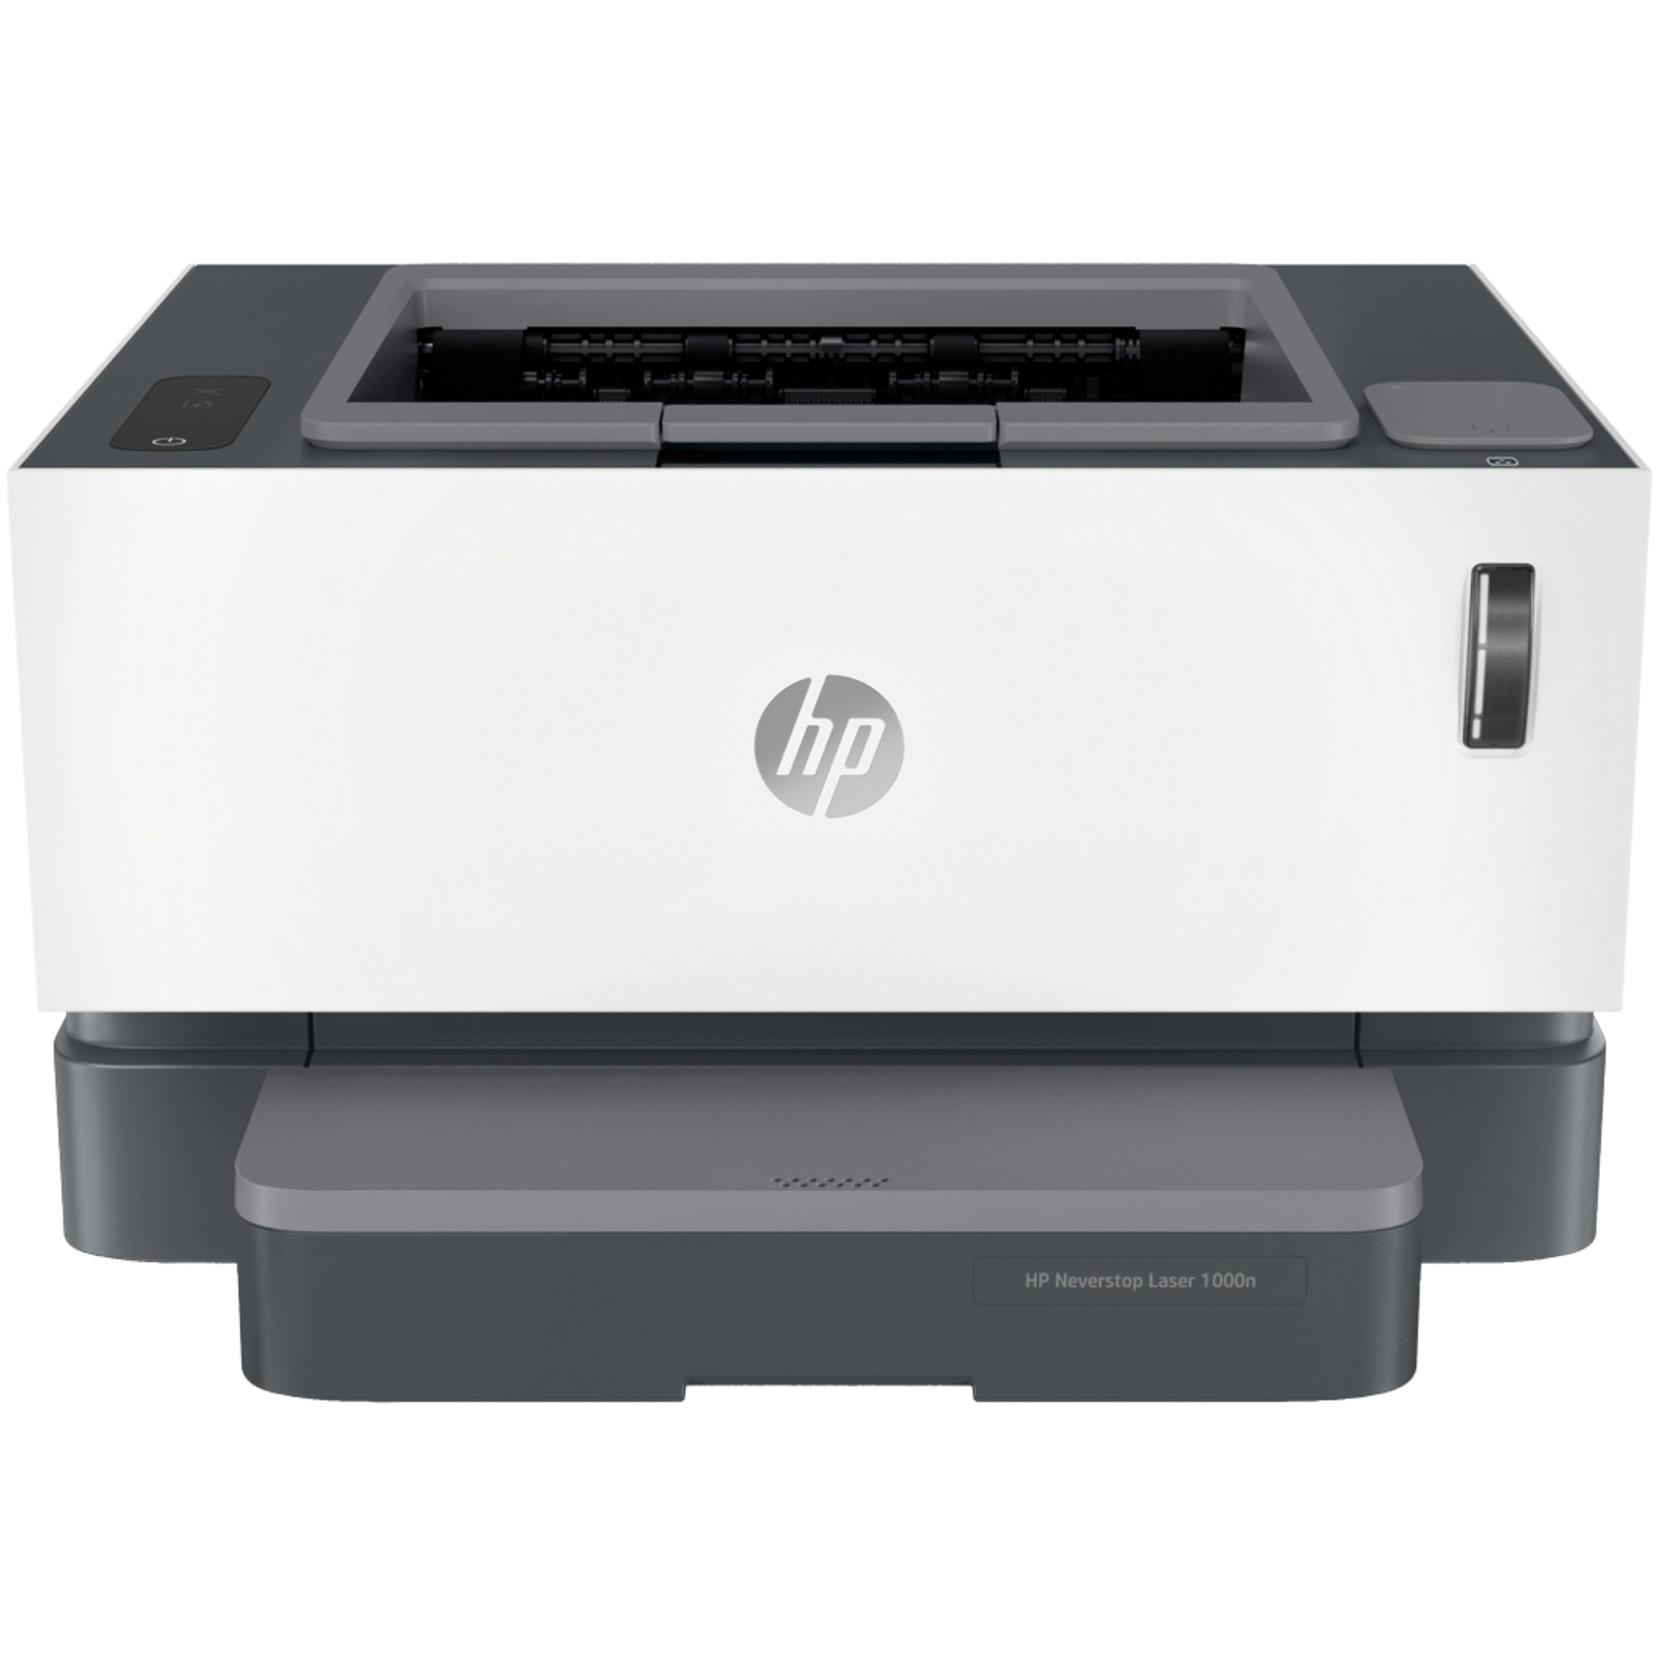 Fotografie Imprimata laser monocrom HP Neverstop 1000n, Retea, A4